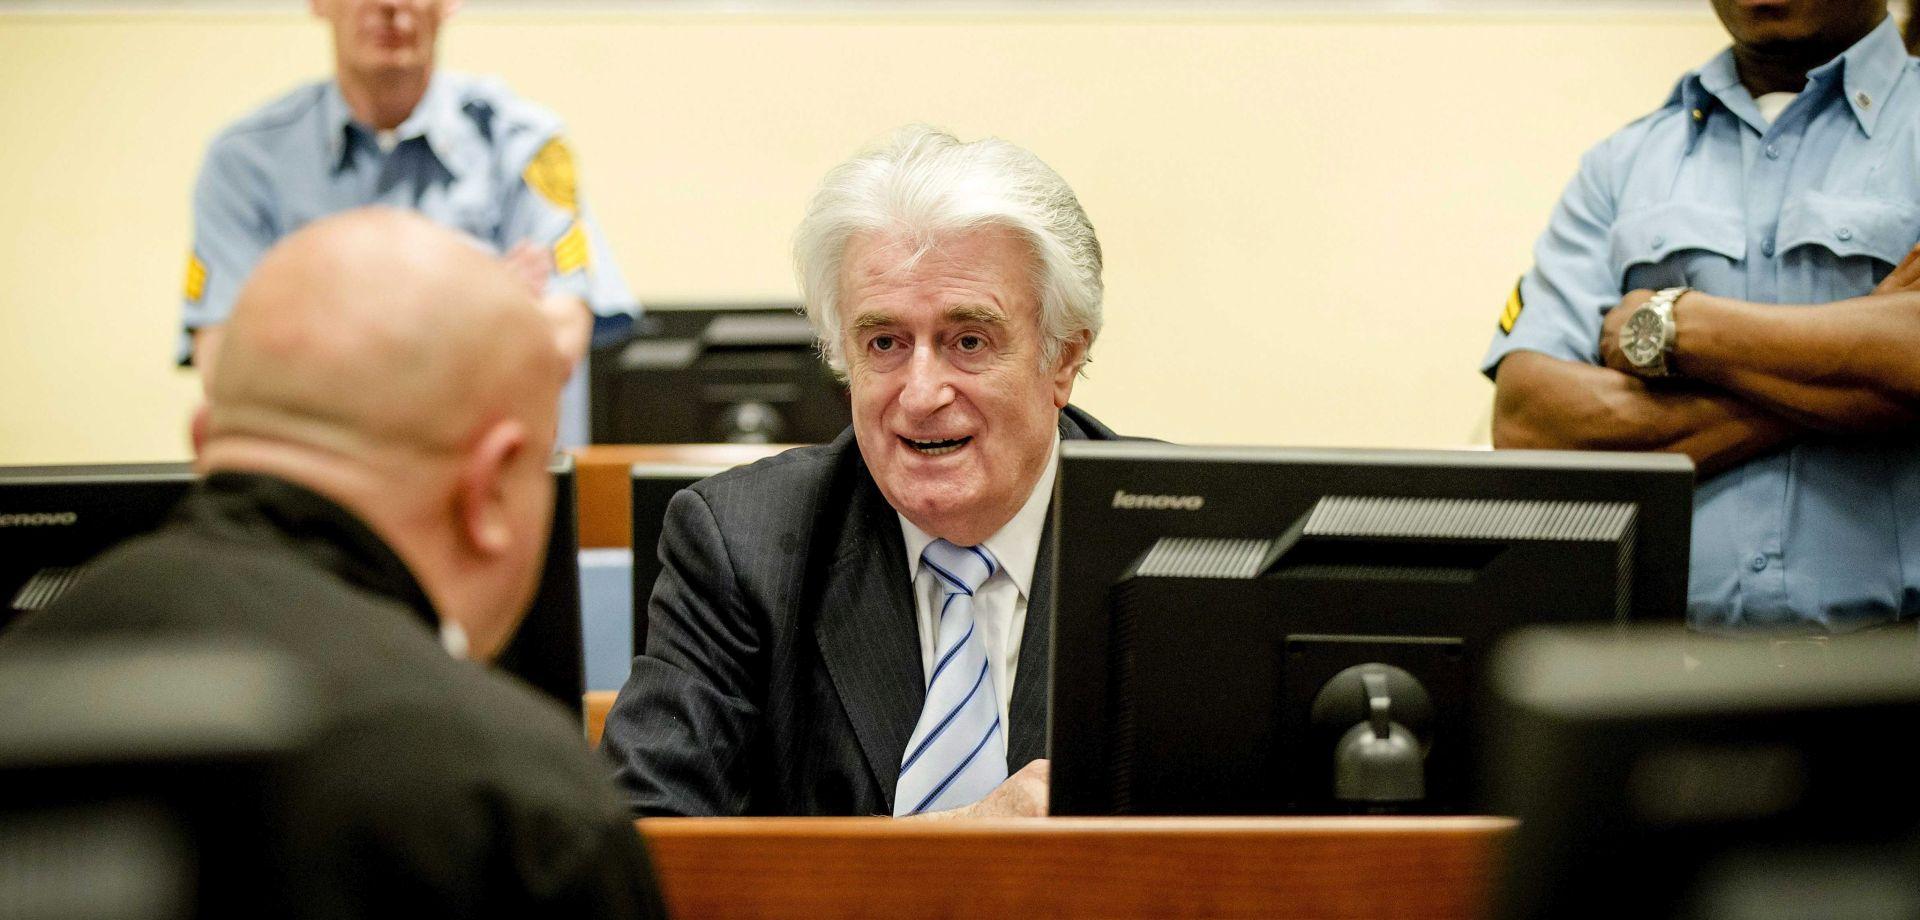 U BiH analiziraju presudu Karadžiću radi moguće obnove tužbe protiv Srbije